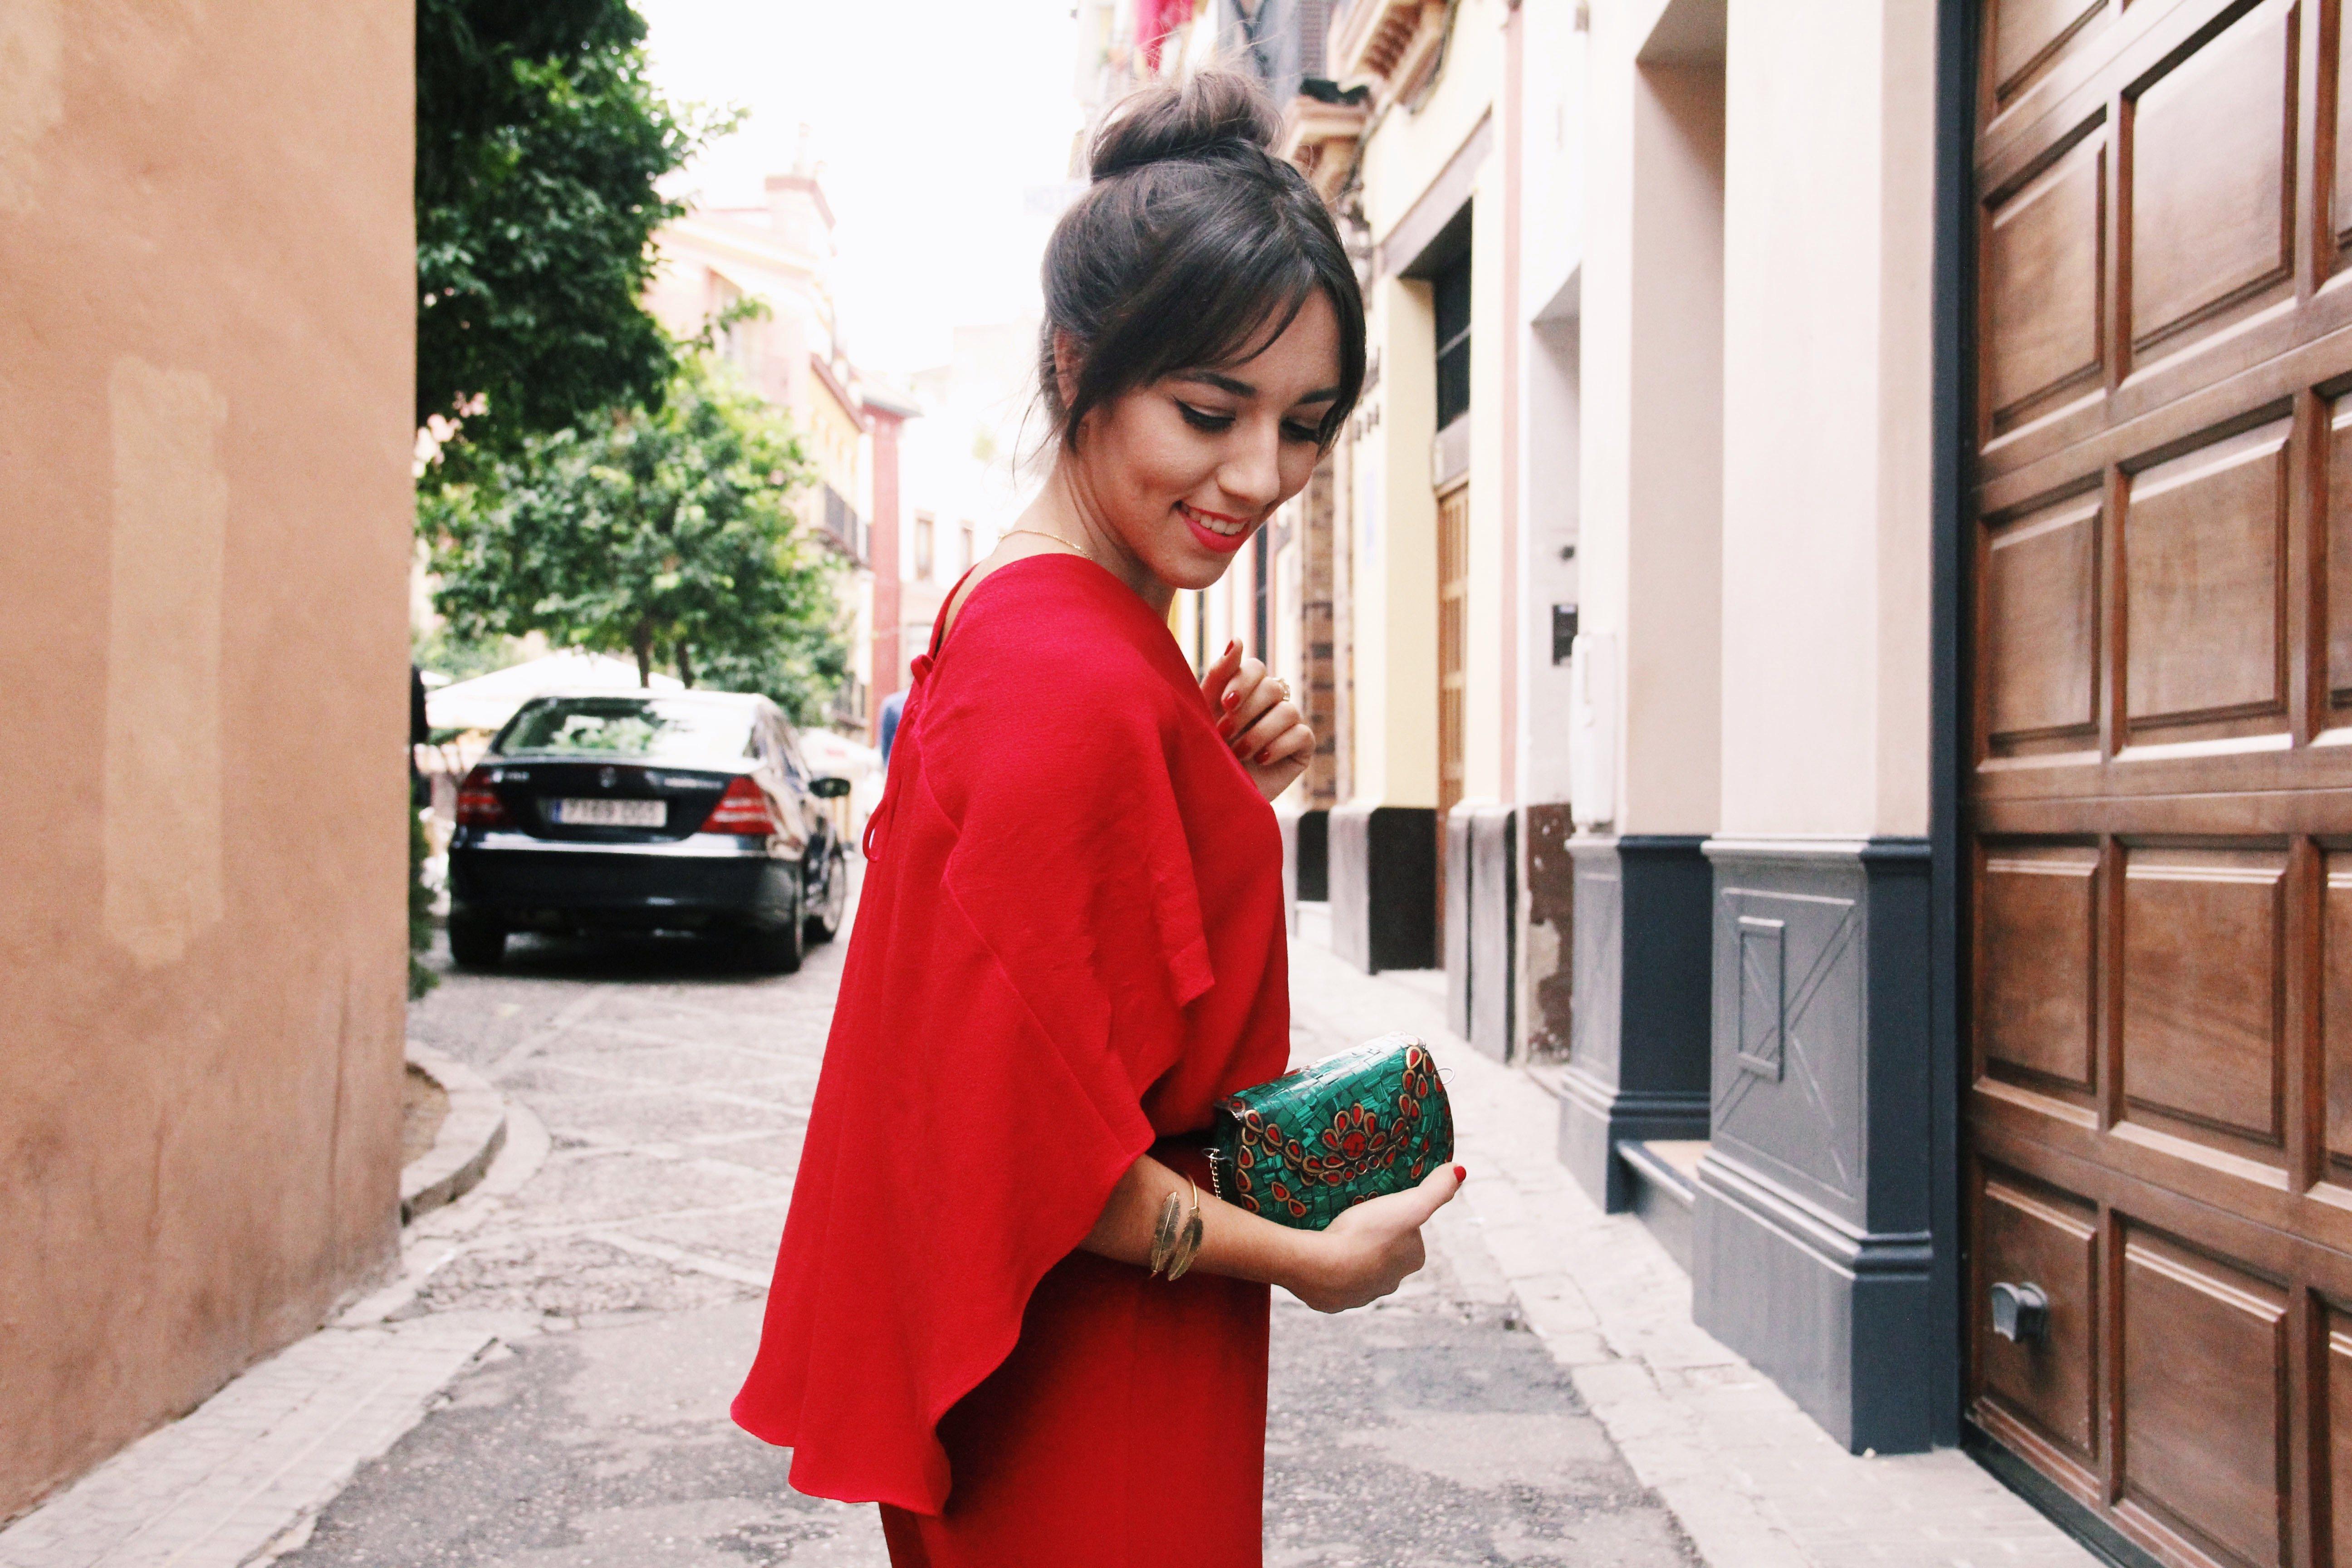 Zara- mono_rojo-Iook_de_boda-cinturon_de_pluma-complementos_dorados- red_outfit- chaqueta_terciopelo_bordado- Less_is_more-6